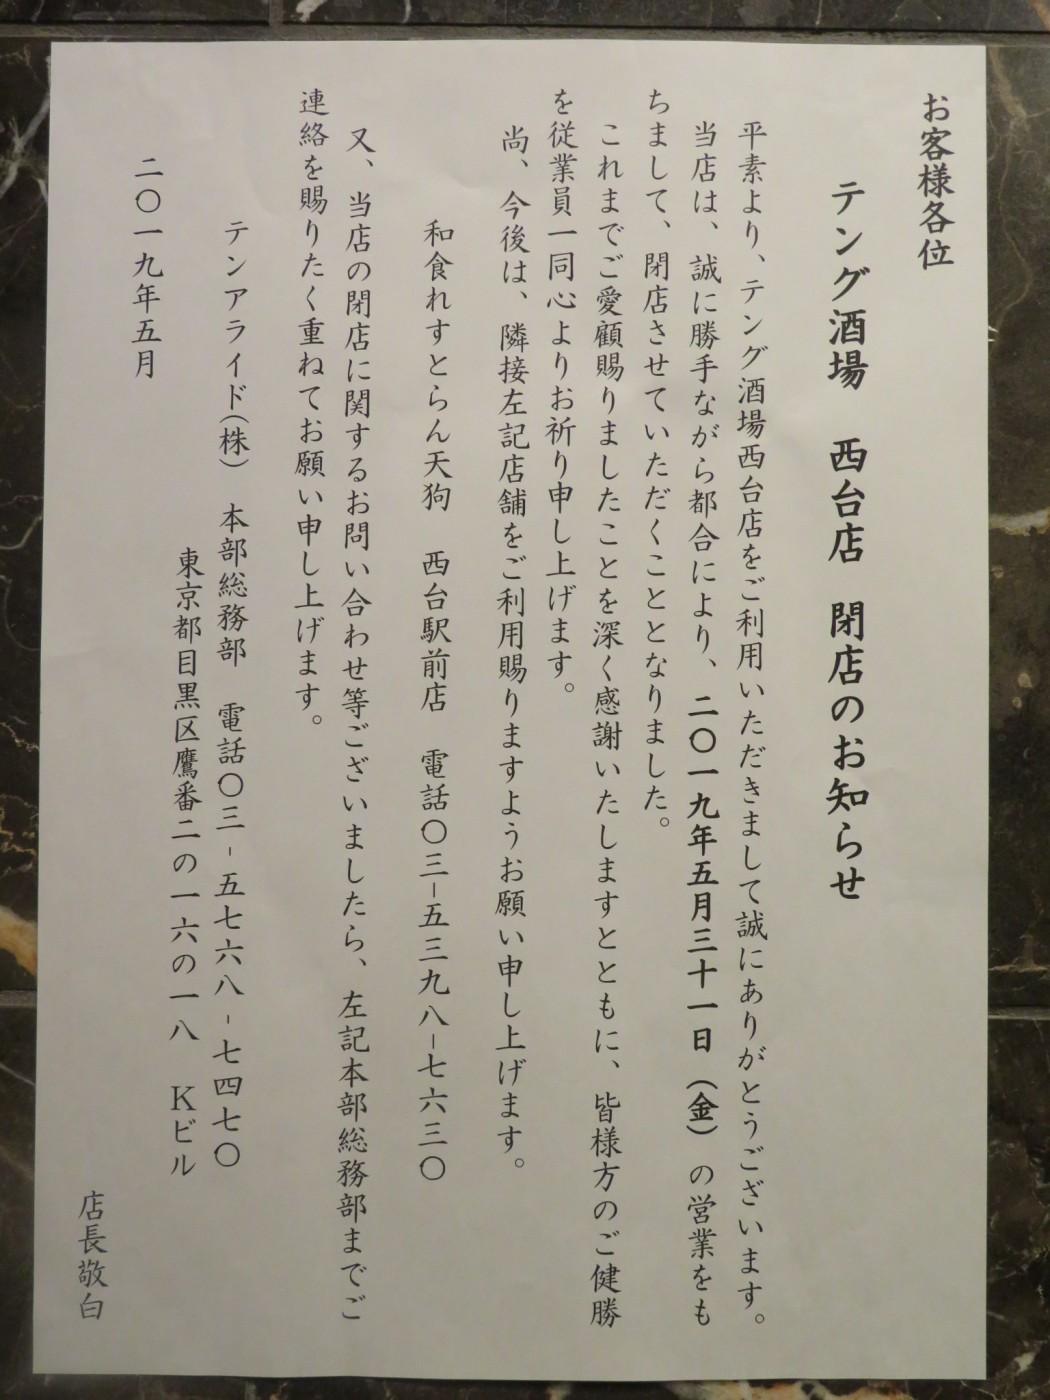 辻希美 家 板橋区徳丸